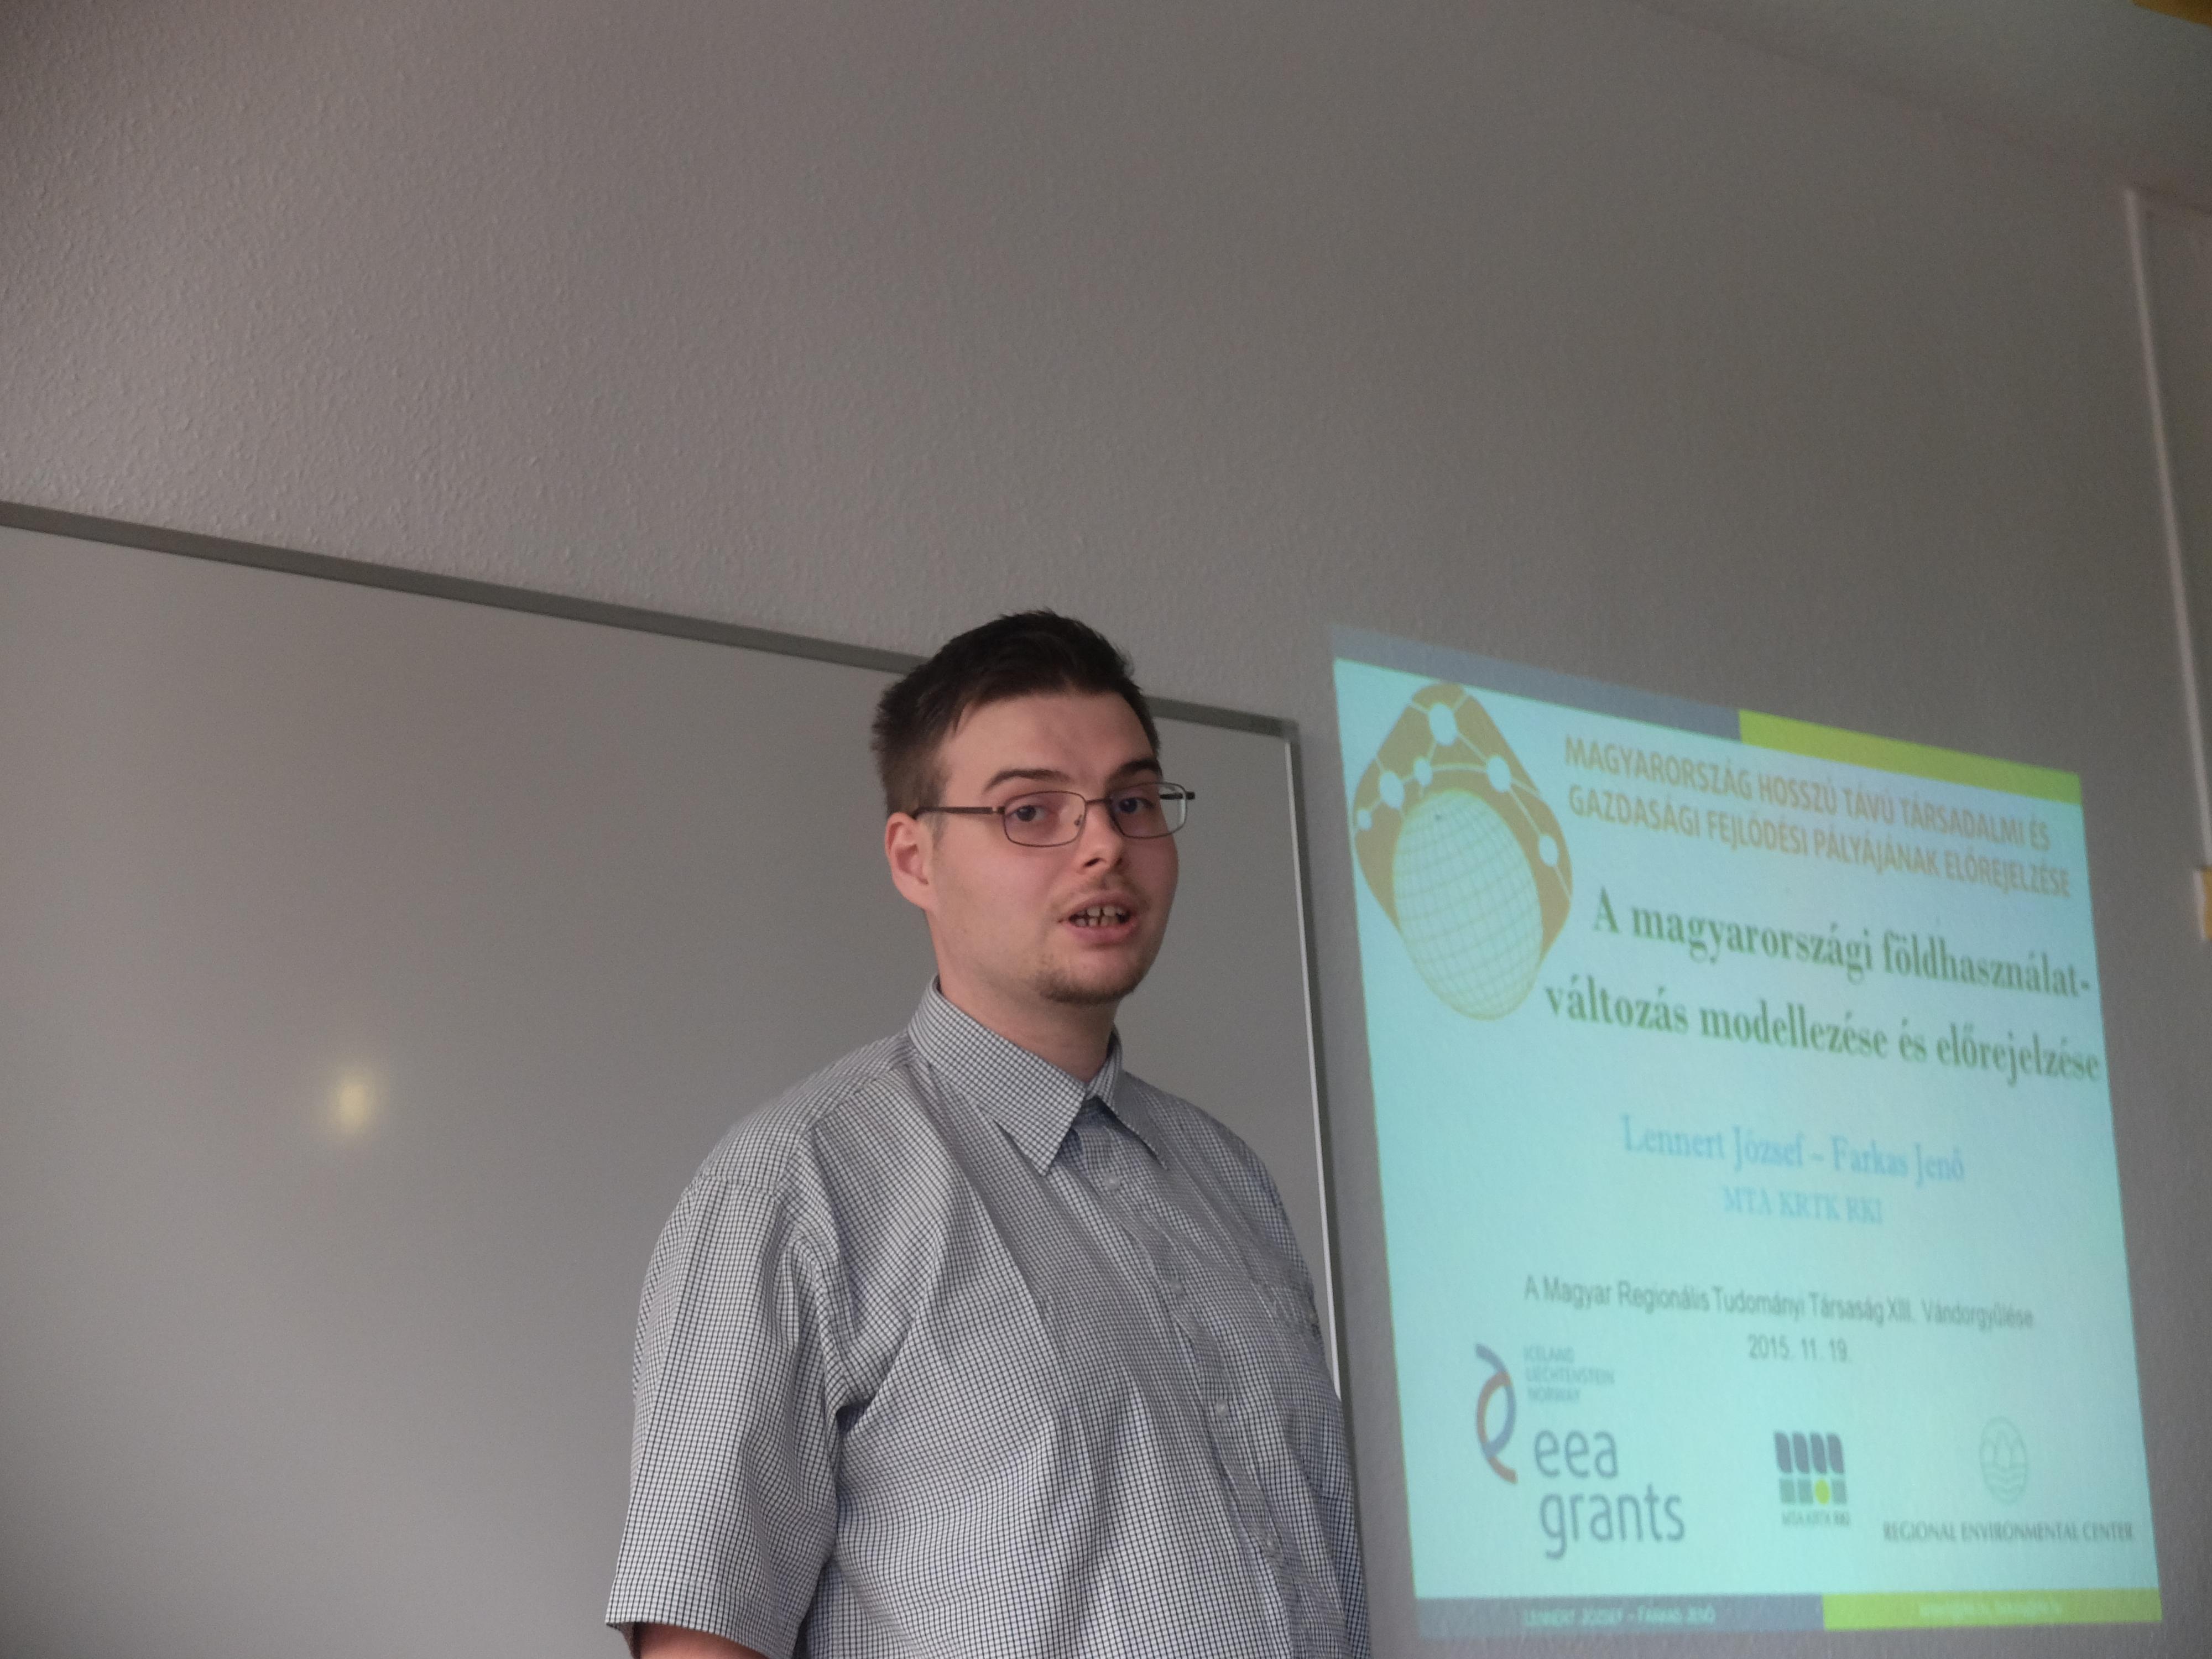 Lennert József előadása a Magyar Regionális Tudományi Társaság XIII. Vándorgyűlésén, Egerben, 2015. november 20-án